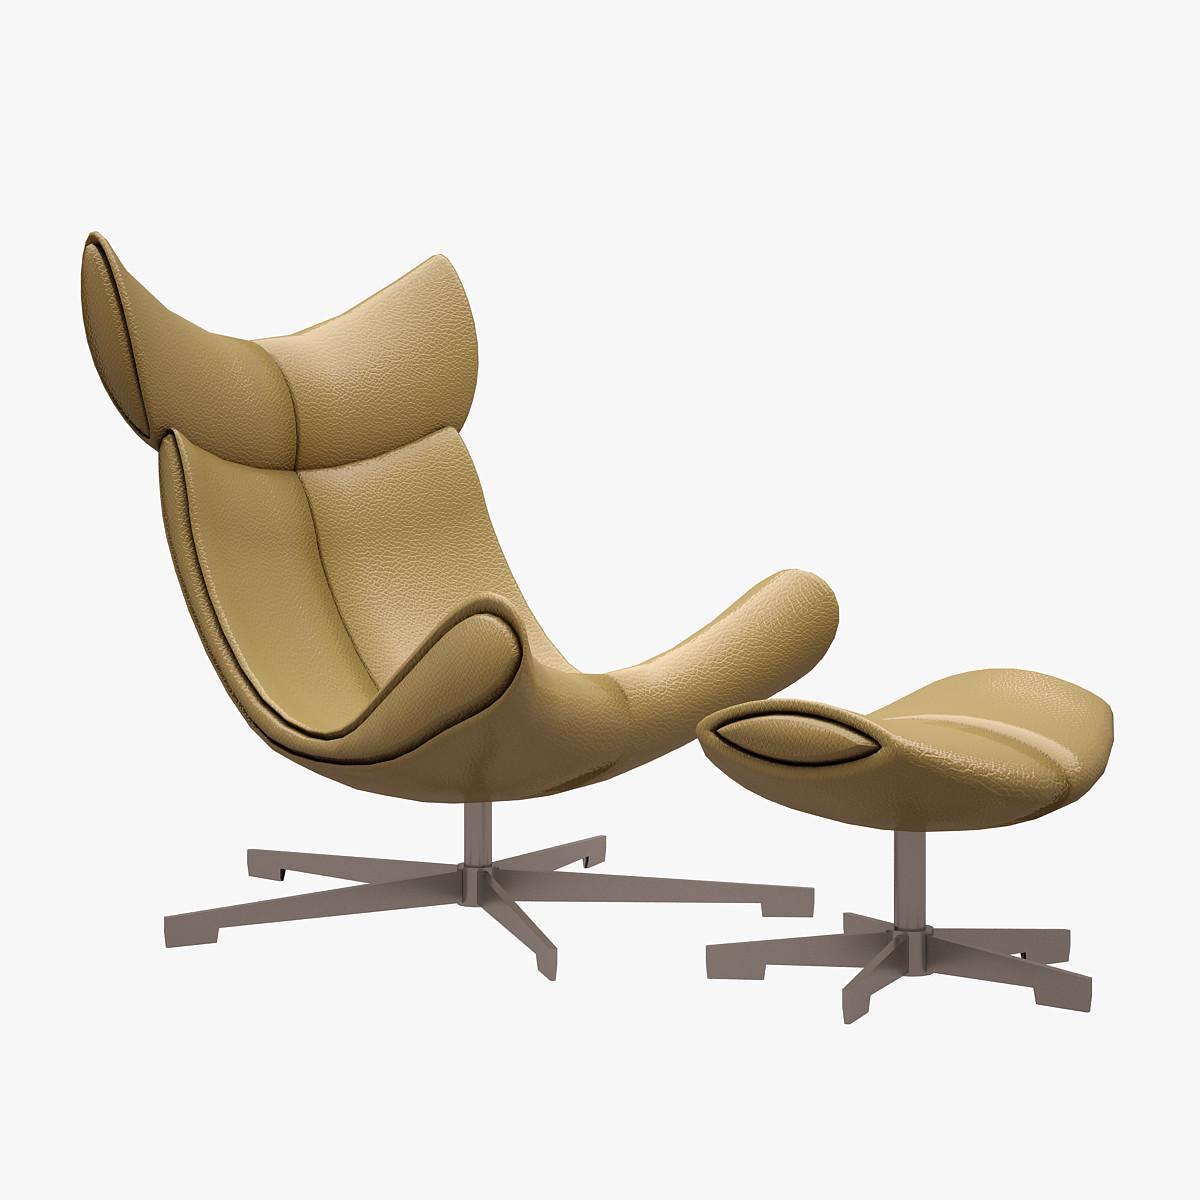 004. Black Bedroom Furniture Sets. Home Design Ideas